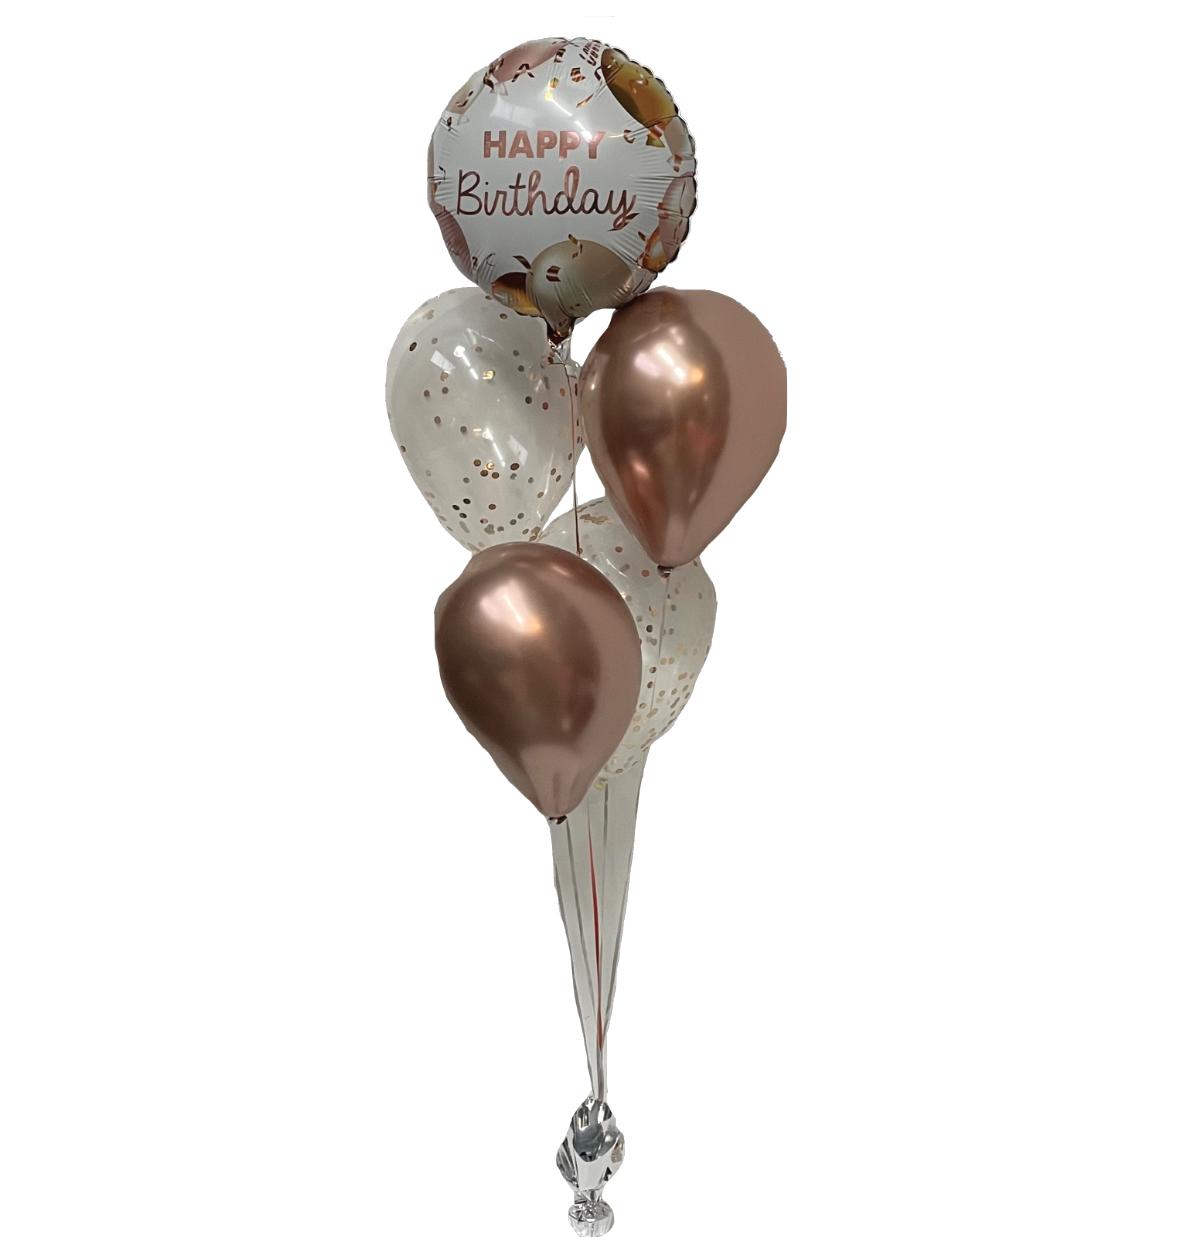 2 Confetti Balloon Bouquet